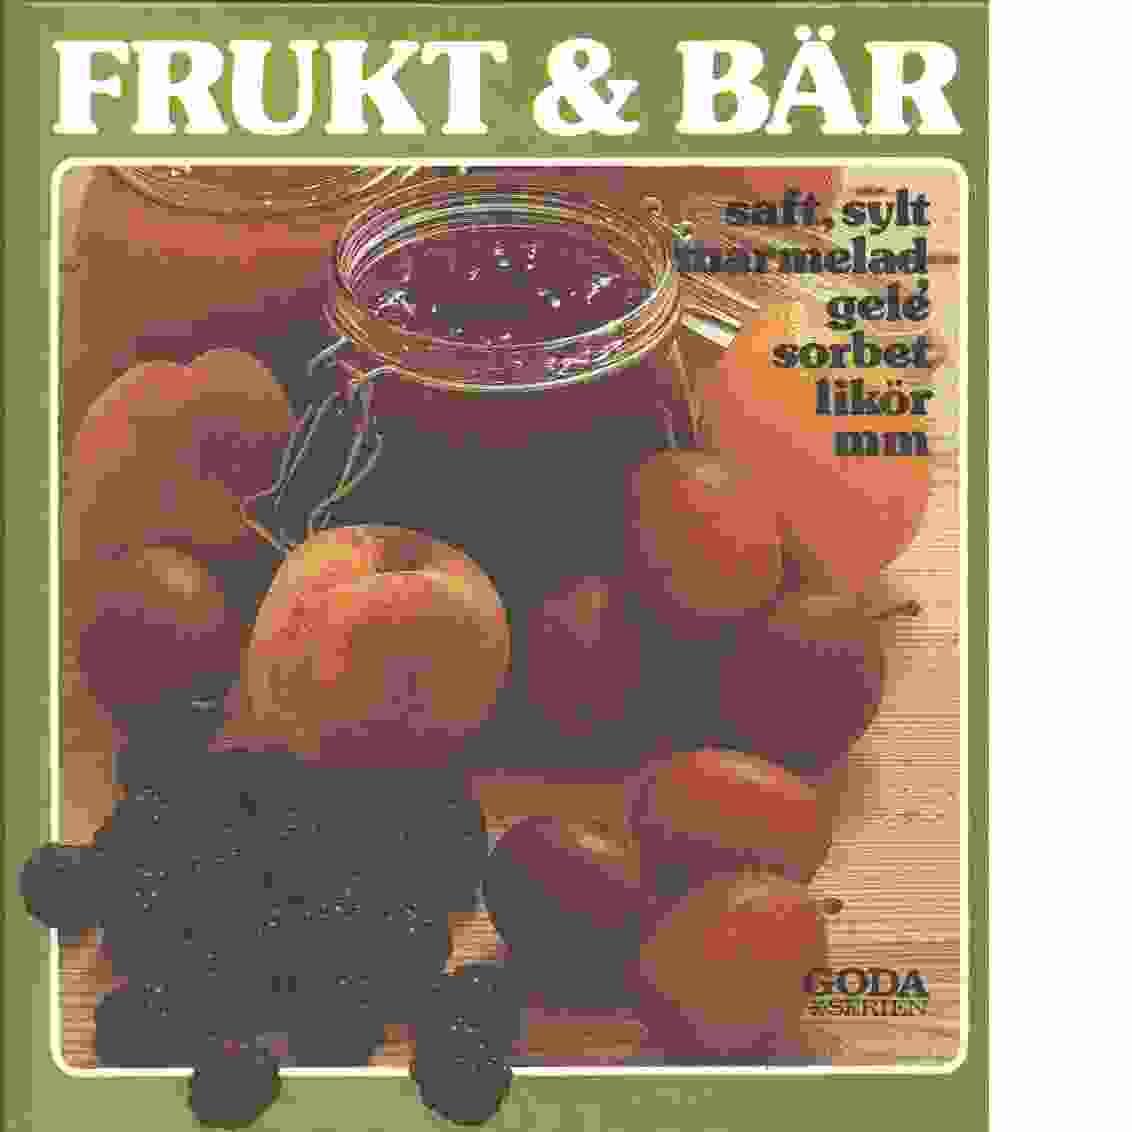 Frukt & bär - Red.